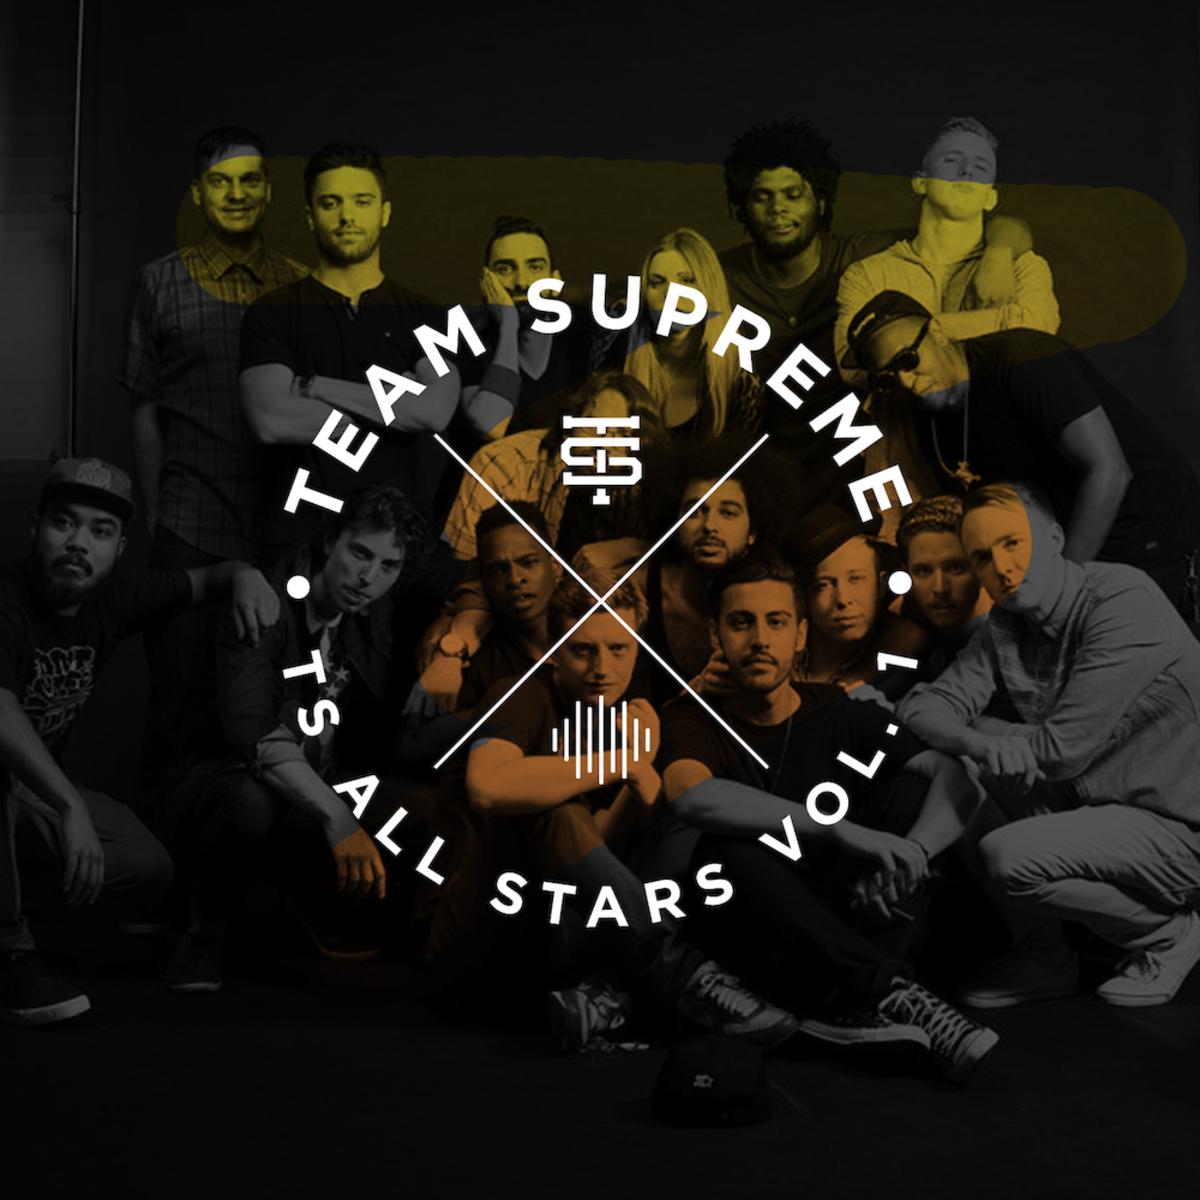 TeamSupreme_Vol1-_1_-_1_